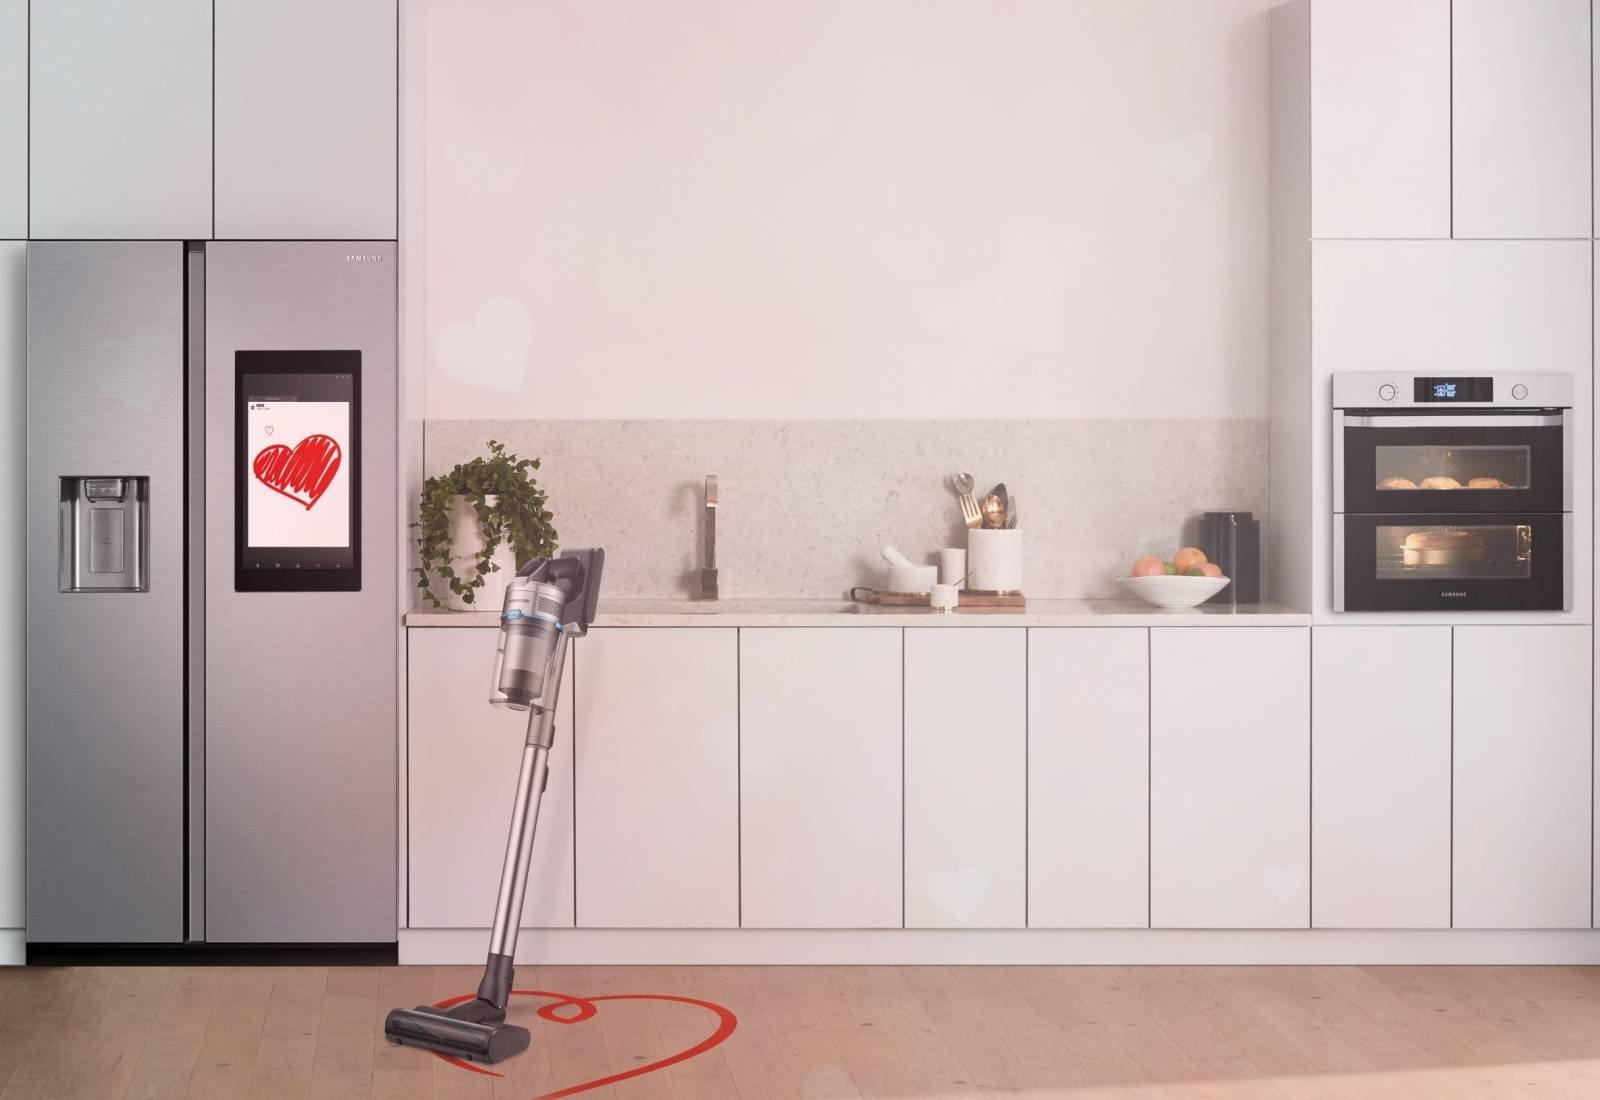 Immagine Samsung: due ricette per San Valentino 1